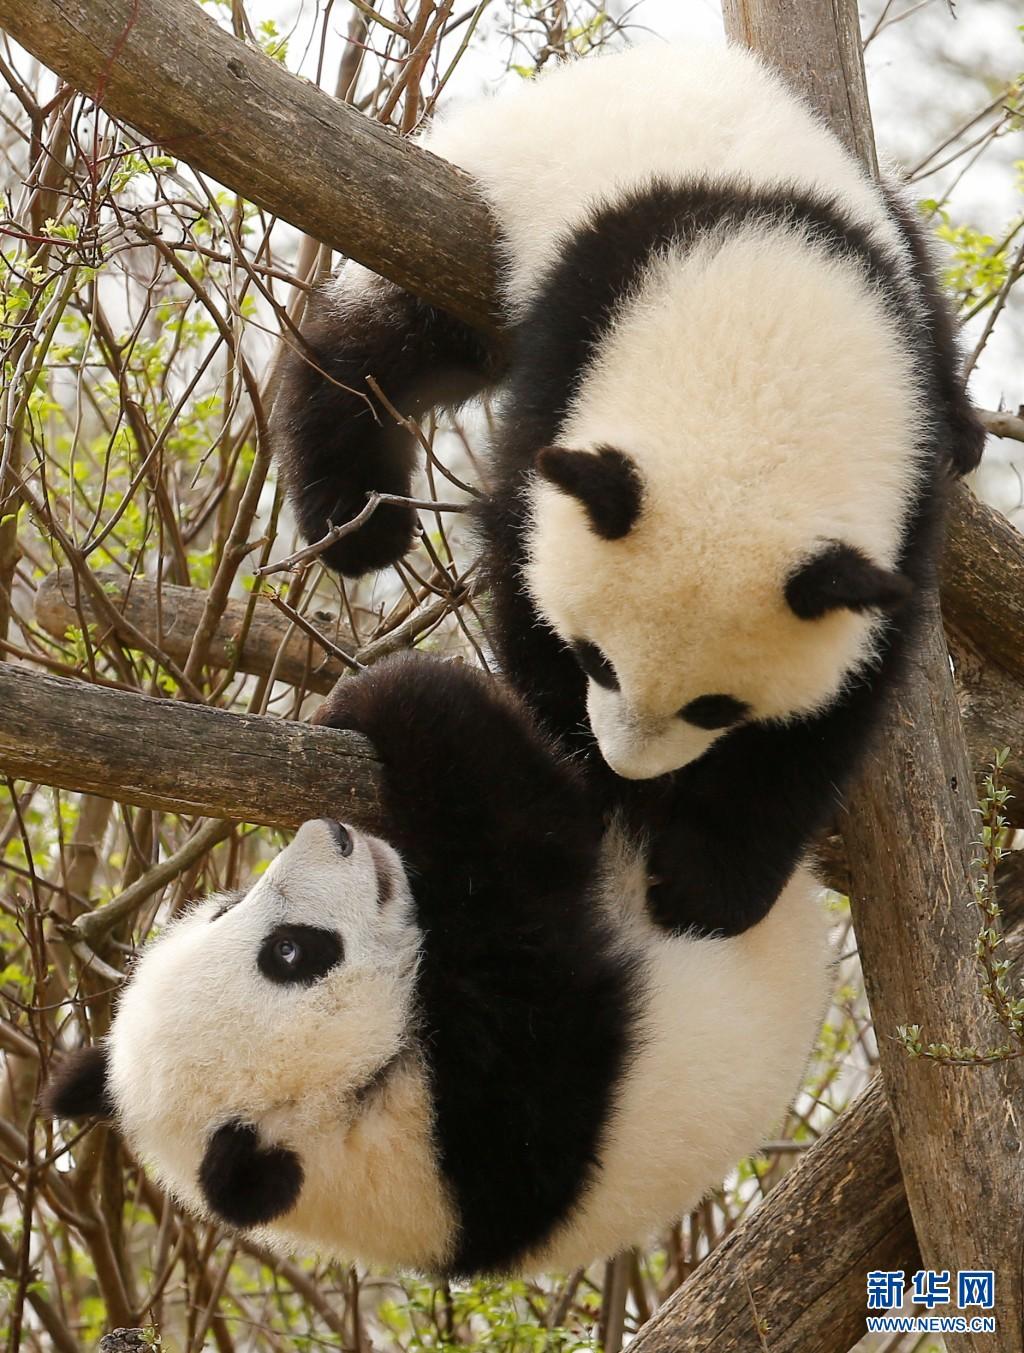 奥地利双胞胎大熊猫宝宝亮相 动作亲昵感情好